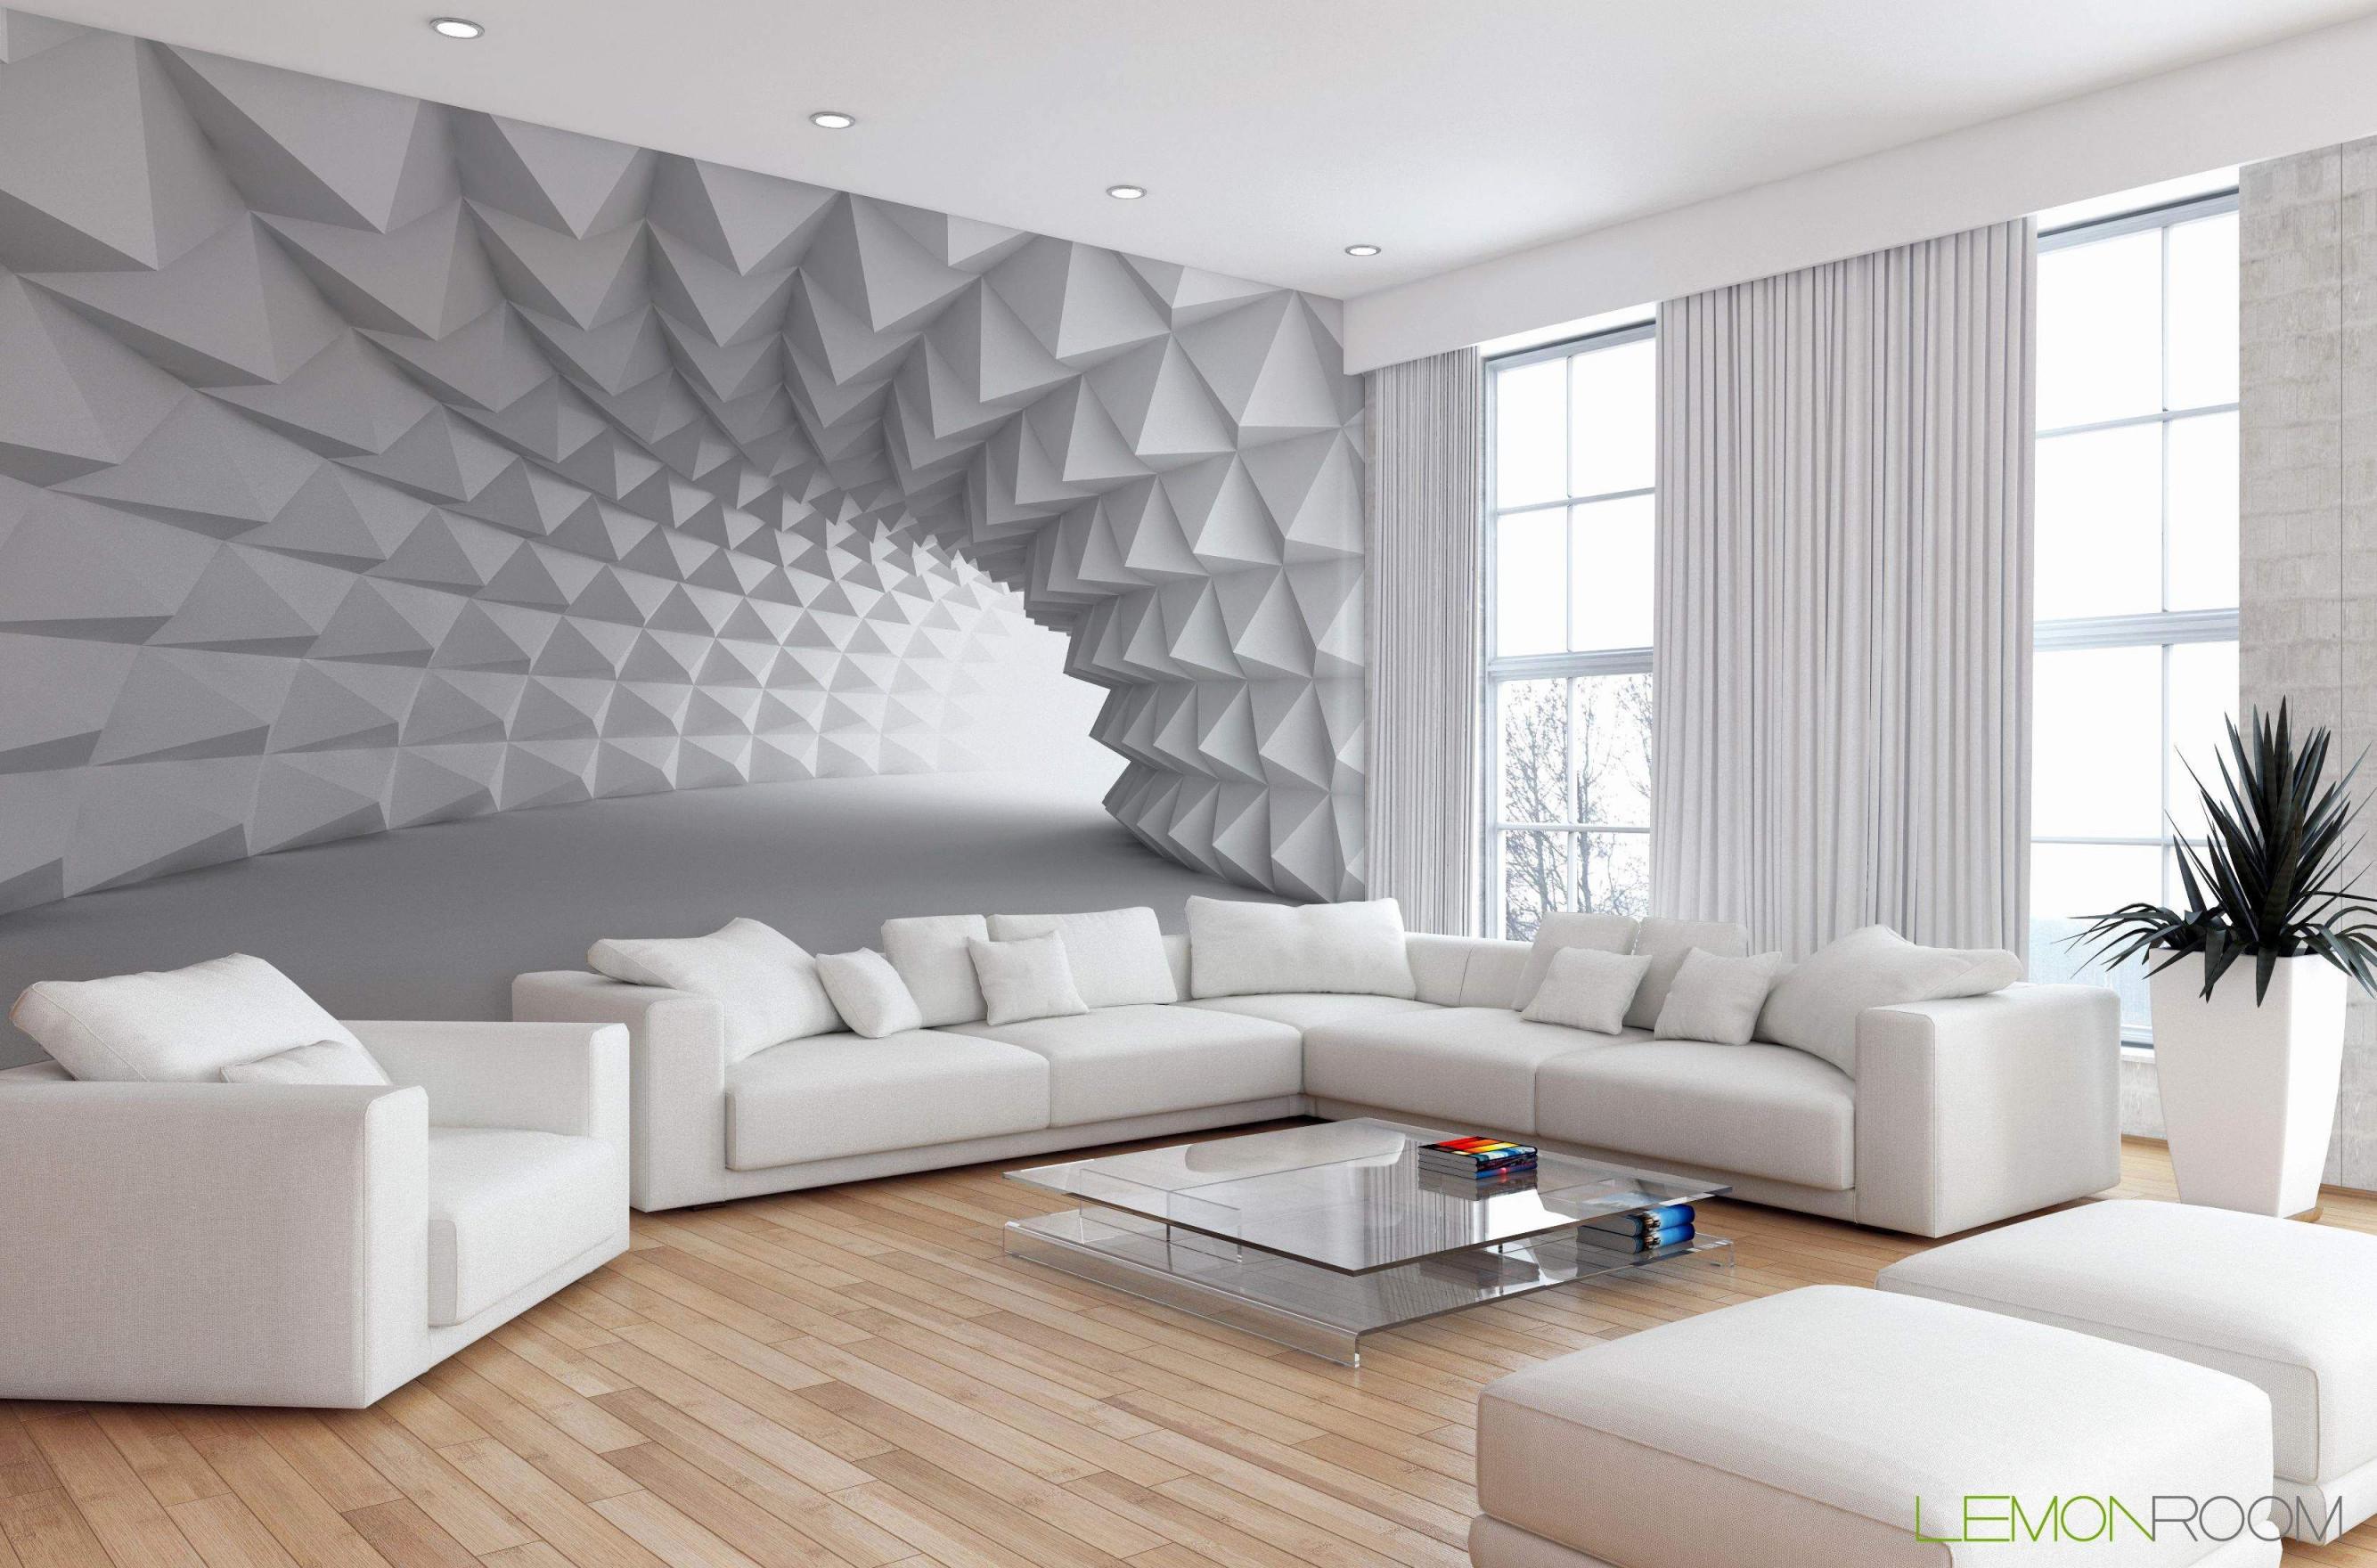 Moderne Wohnzimmer Tapeten Schön 31 Inspirierend Moderne von Moderne Vliestapeten Wohnzimmer Bild